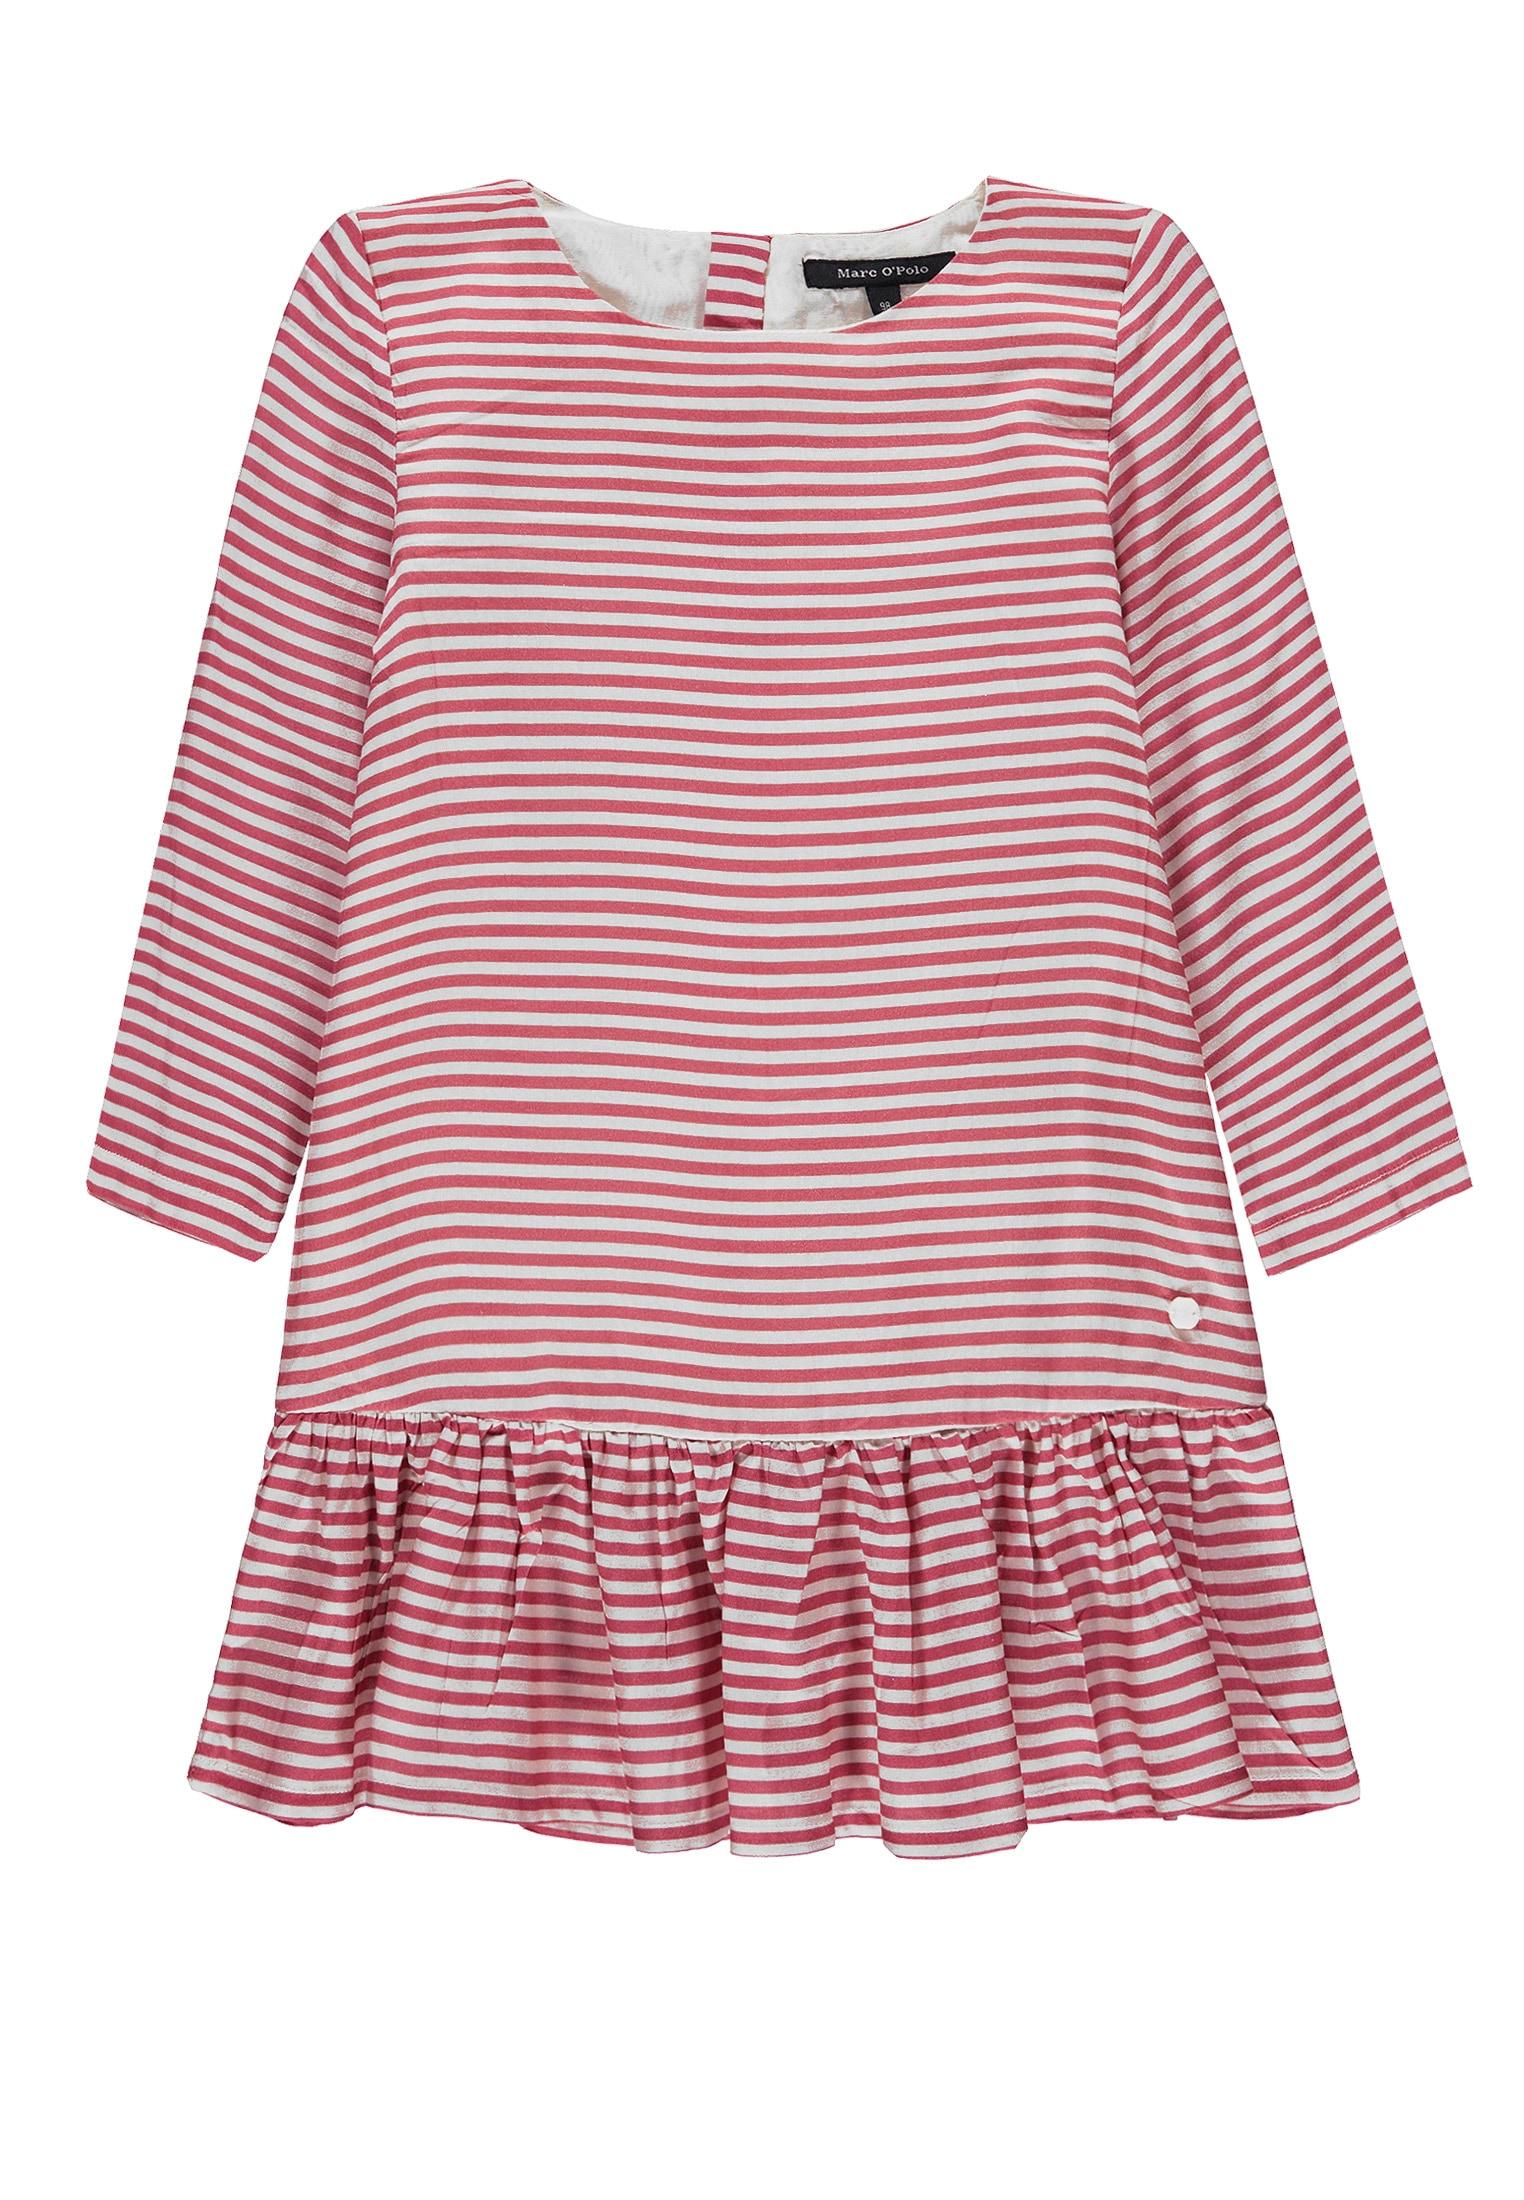 Marc O'Polo Junior Kleid mit 3/4 Ärmel gelb Mädchen Festliche Kleider Mädchenkleidung